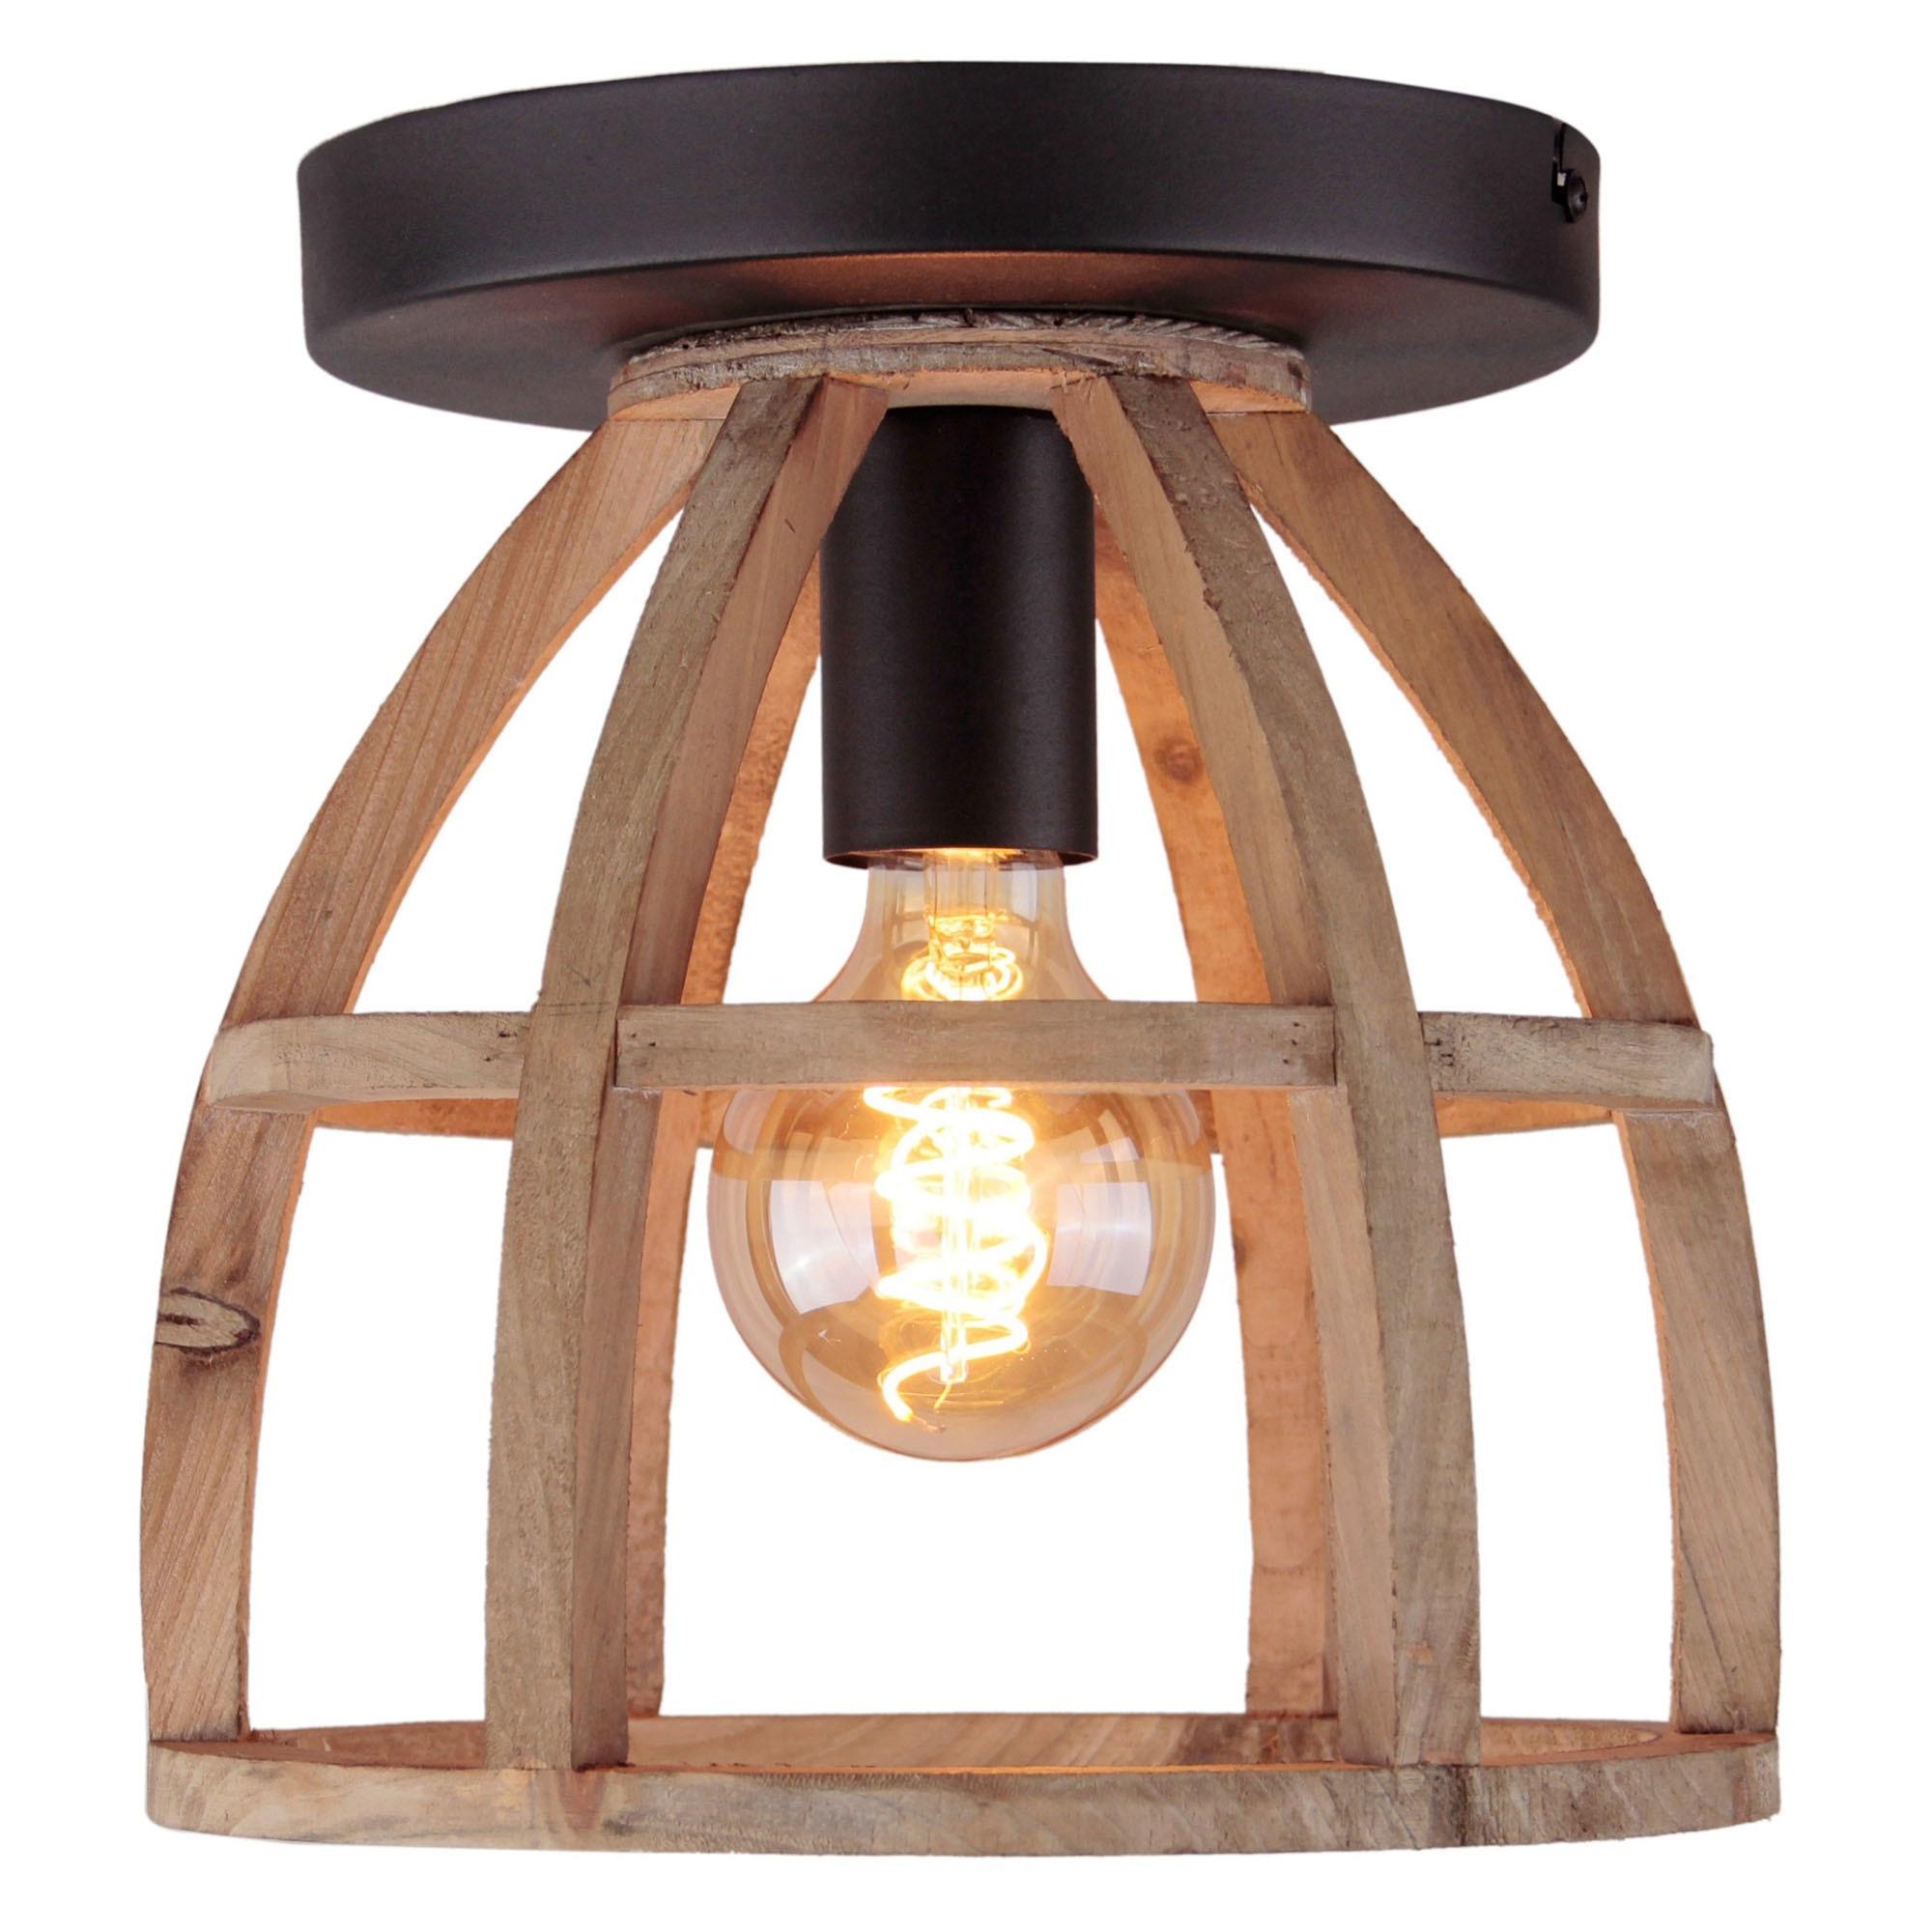 Brilliant Leuchten Matrix Wood Deckenleuchte 1flg antik holz/schwarz korund